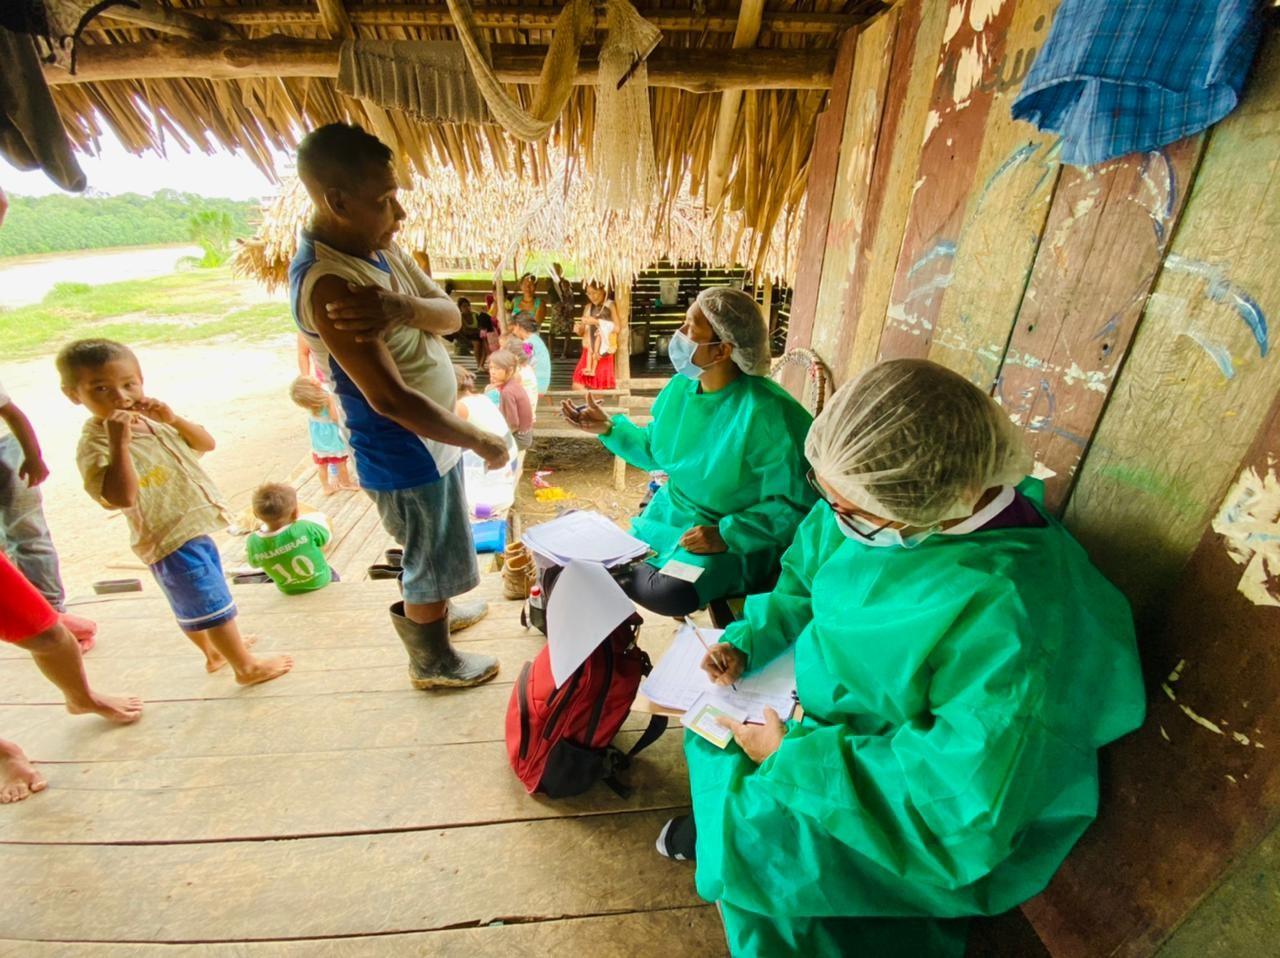 Mais de 4,7 mil índios que vivem em aldeias no AC receberam 1ª dose da vacina contra Covid-19 e mais de 1,8 mil a 2ª dose